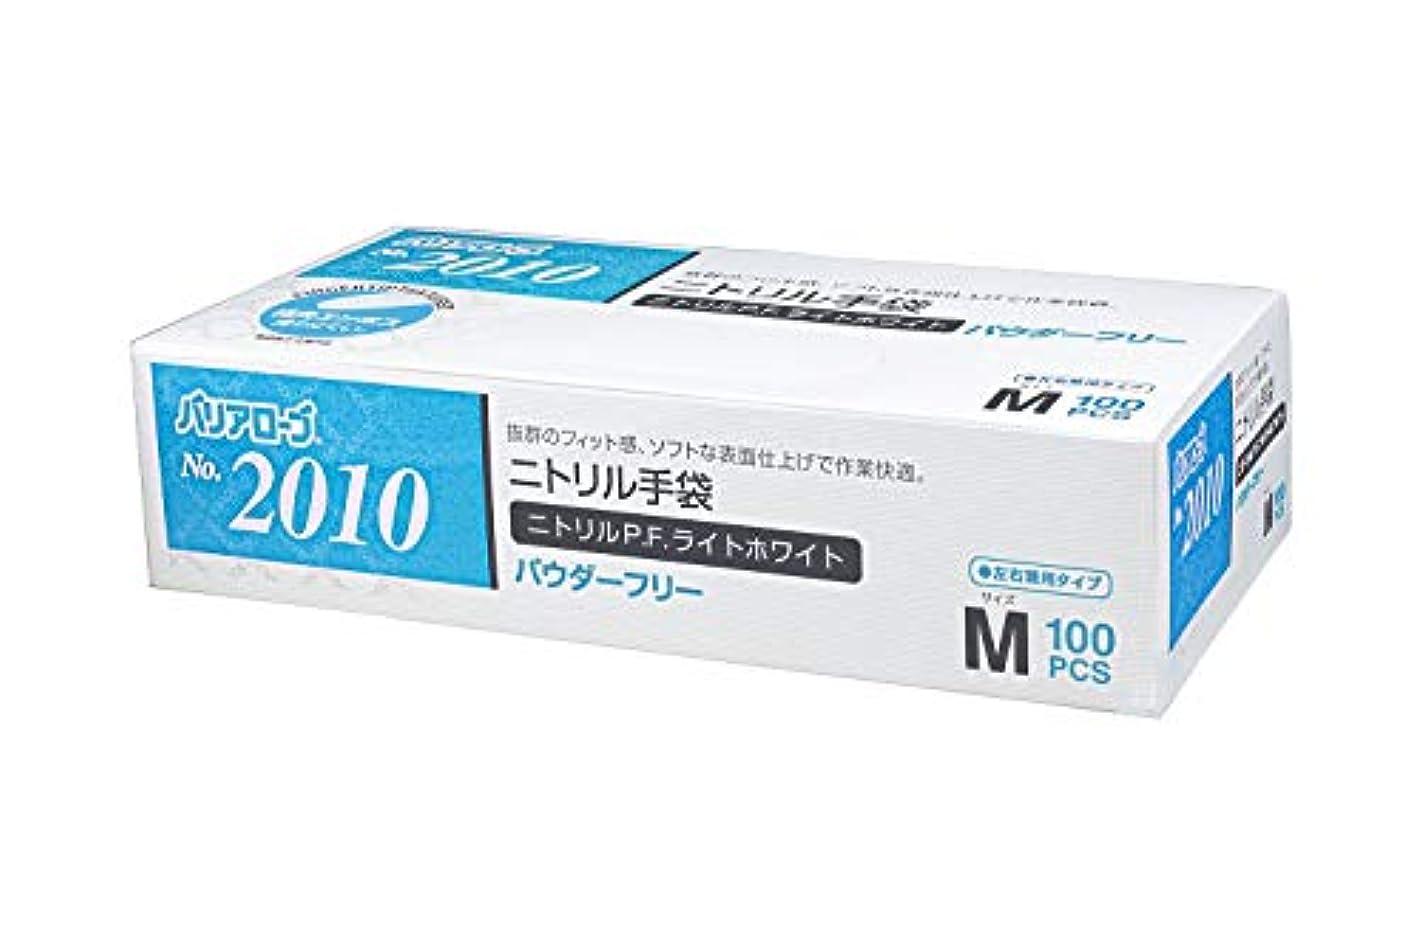 星ご覧ください聖域【ケース販売】 バリアローブ №2010 ニトリルP.F.ライト ホワイト (パウダーフリー) M 2000枚(100枚×20箱)